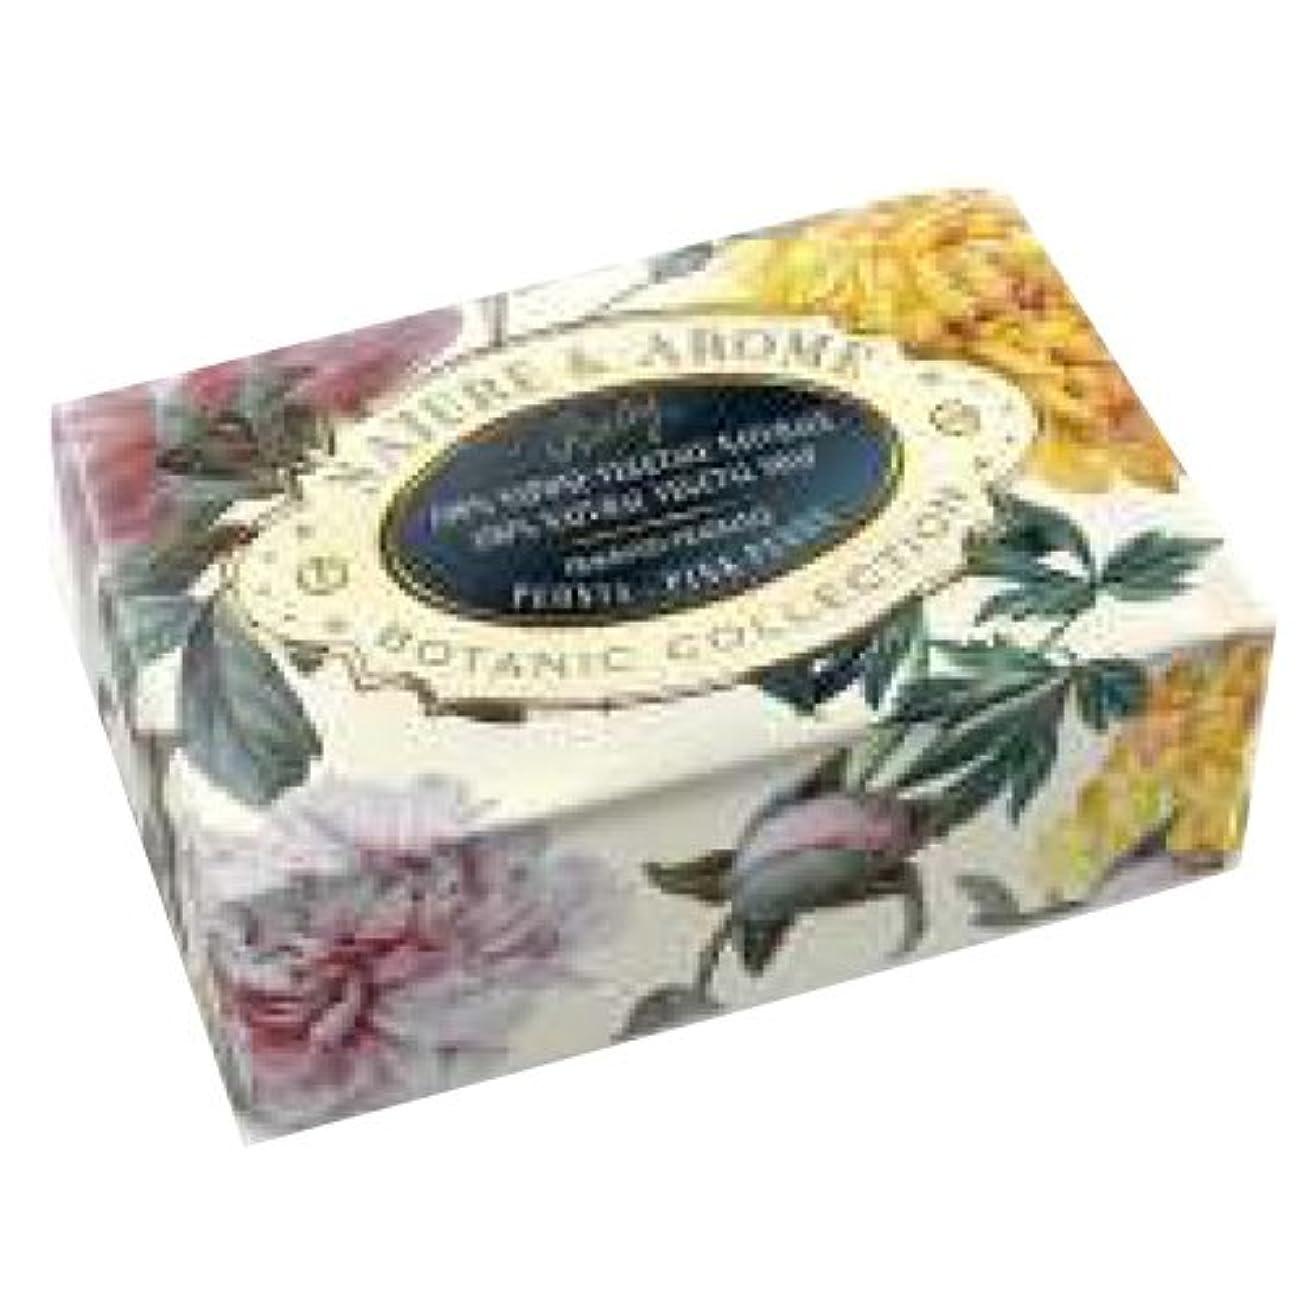 ロバやさしい助言するRUDY Nature&Arome SERIES ルディ ナチュール&アロマ Soap ソープ ピンクピオニー